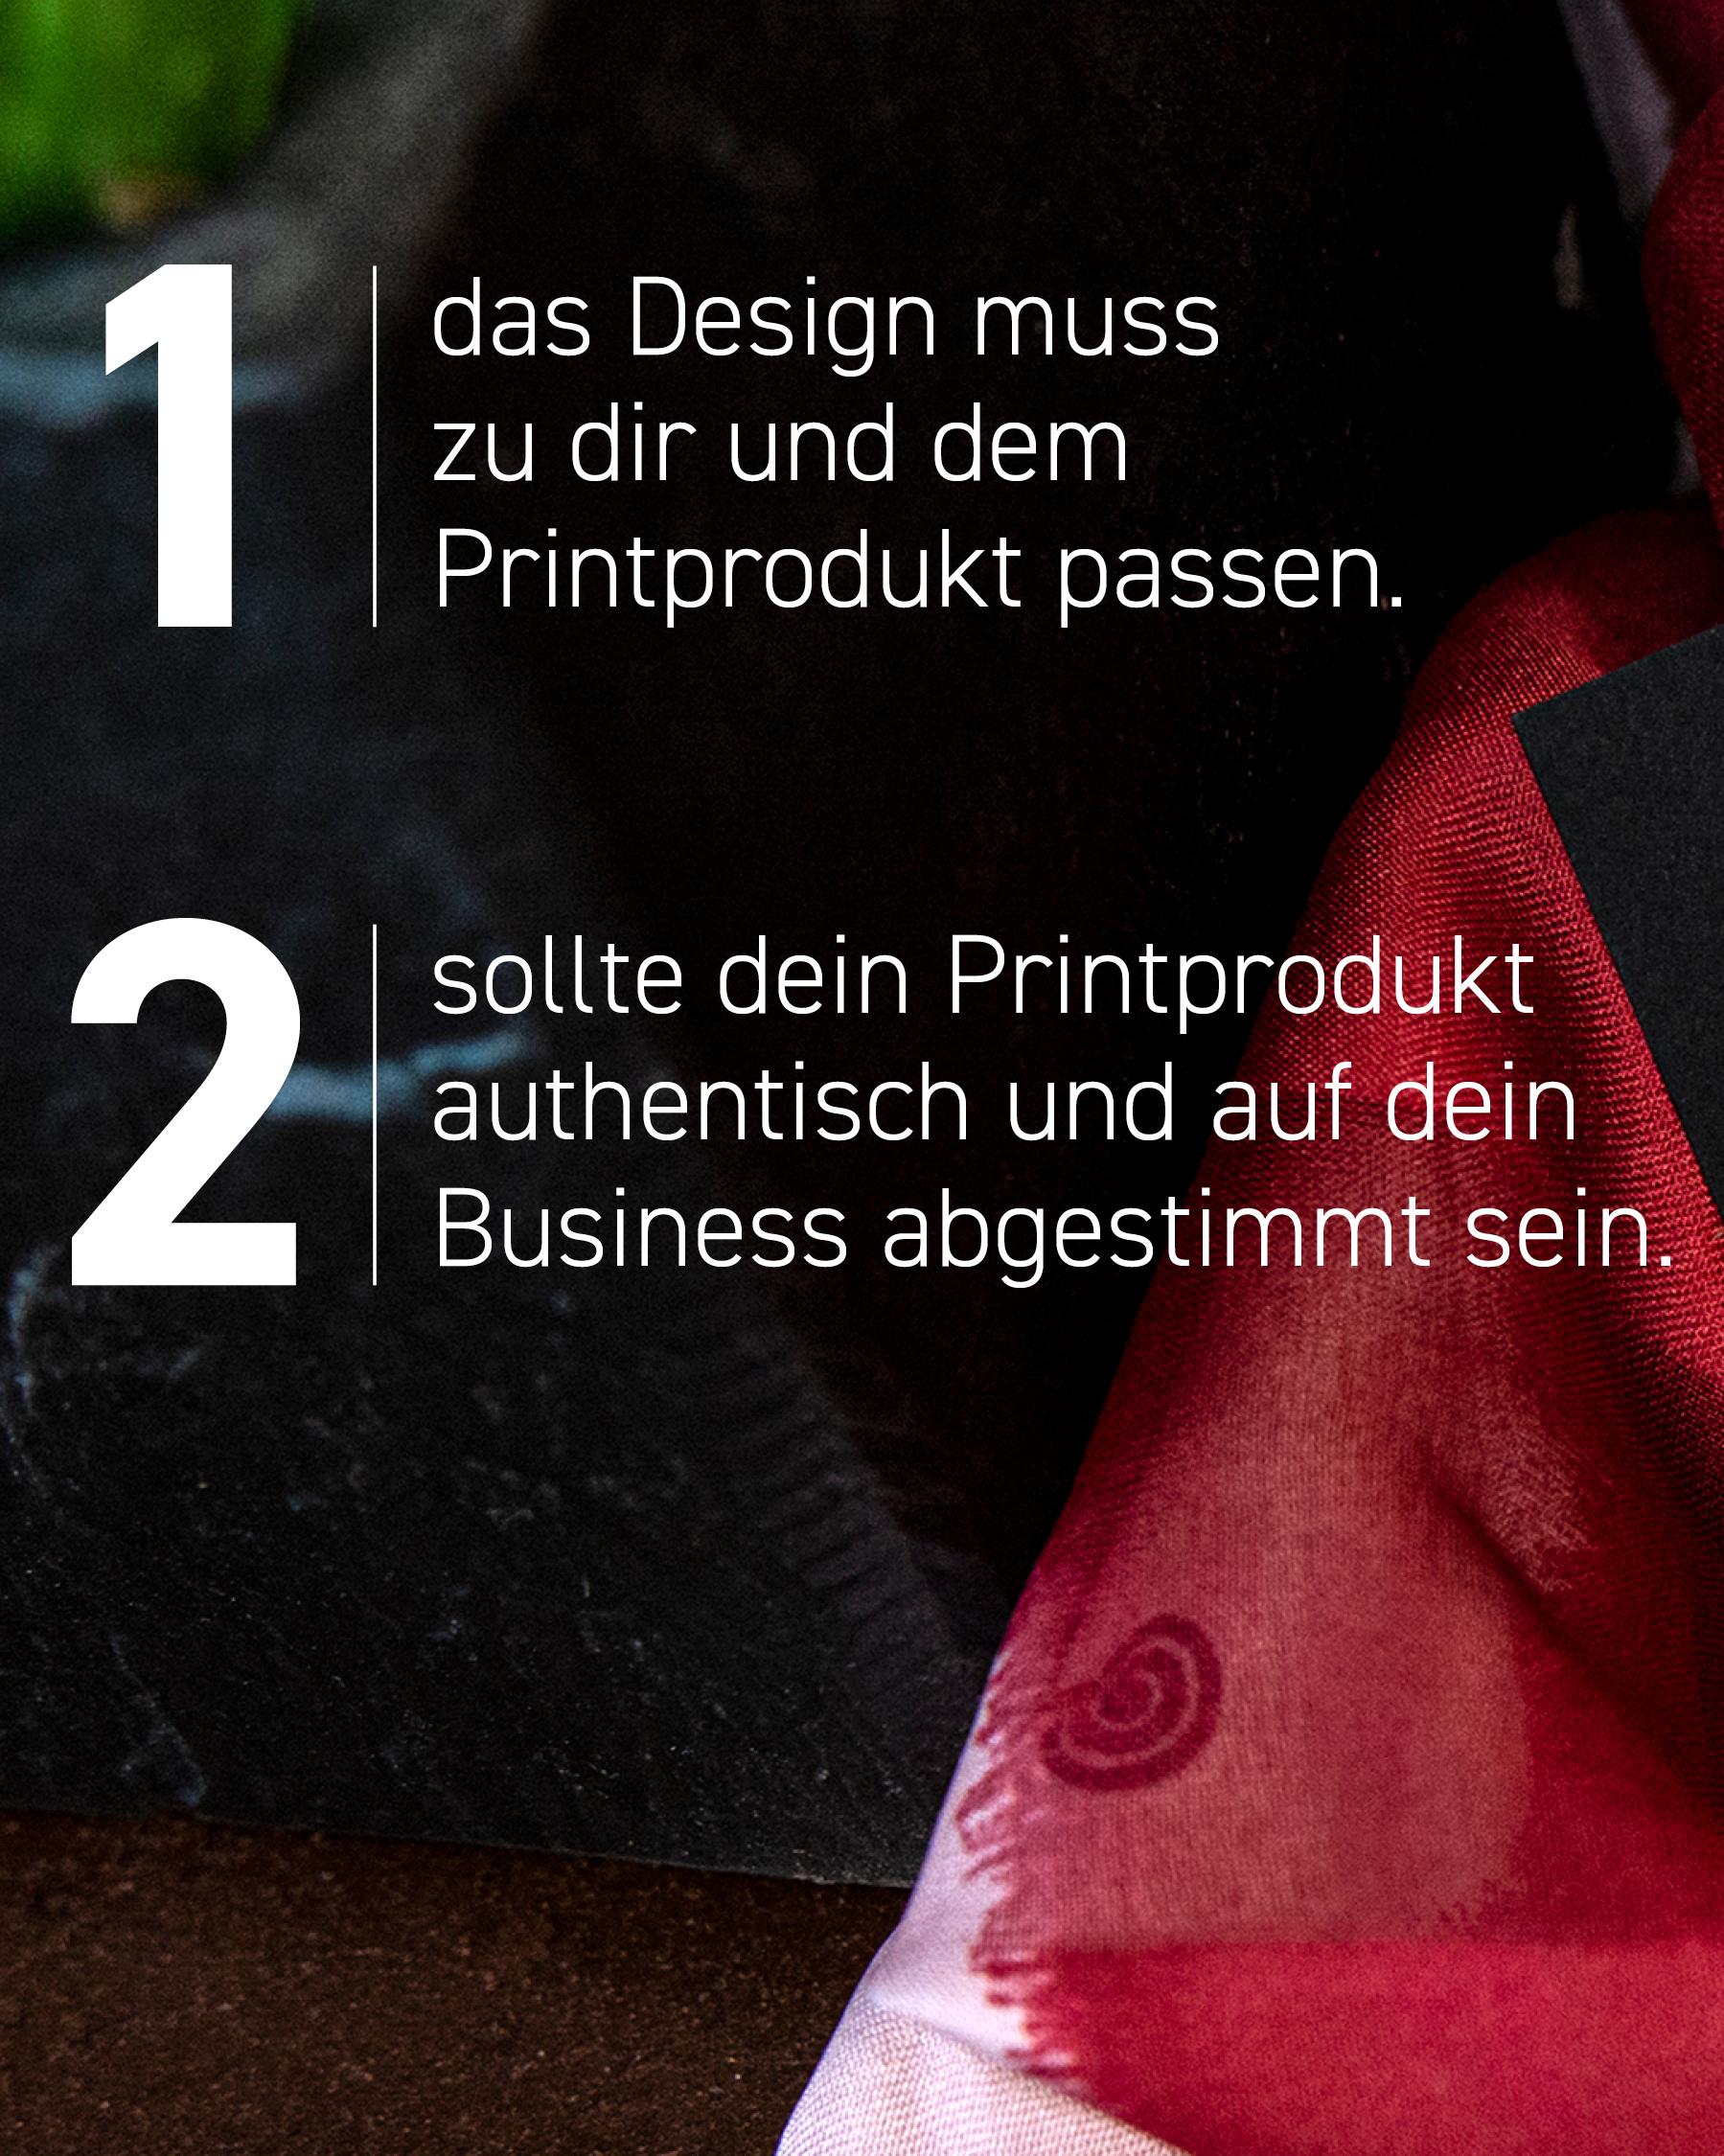 Erstens muss das Design zu dir und dem Printprodukt passen.